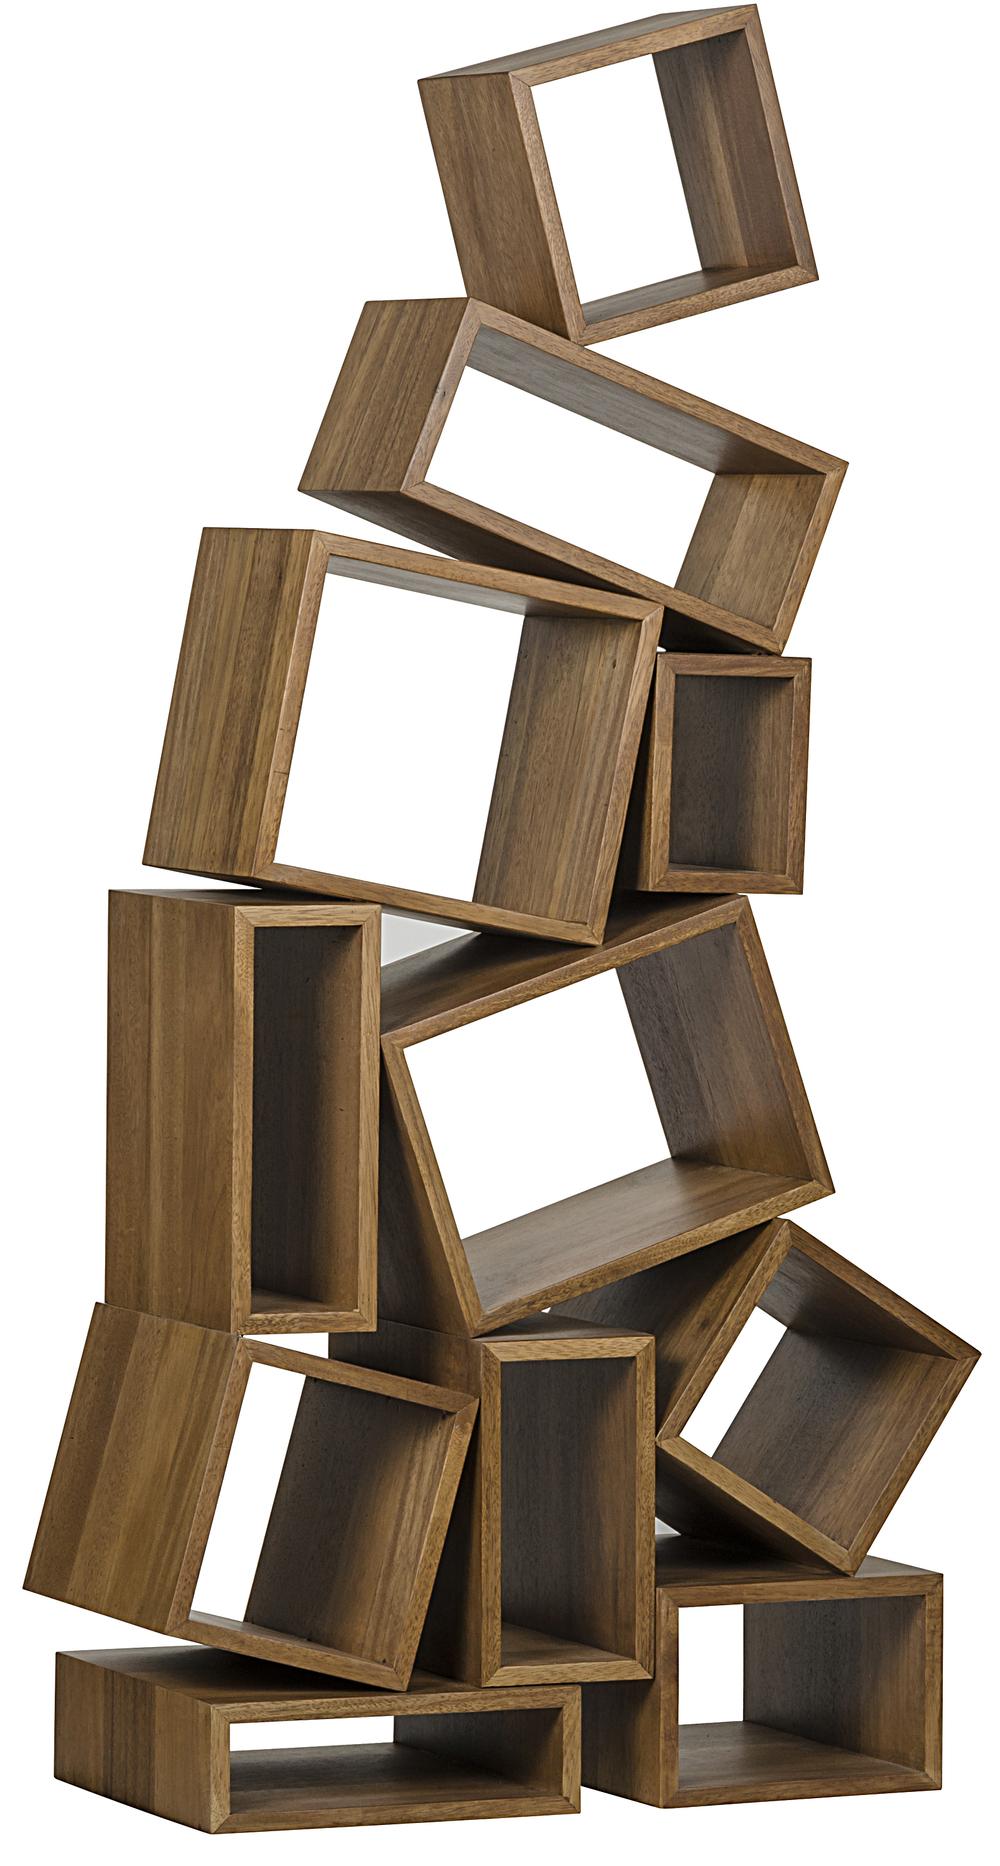 Noir Trading - Cubist Bookcase in Dark Walnut